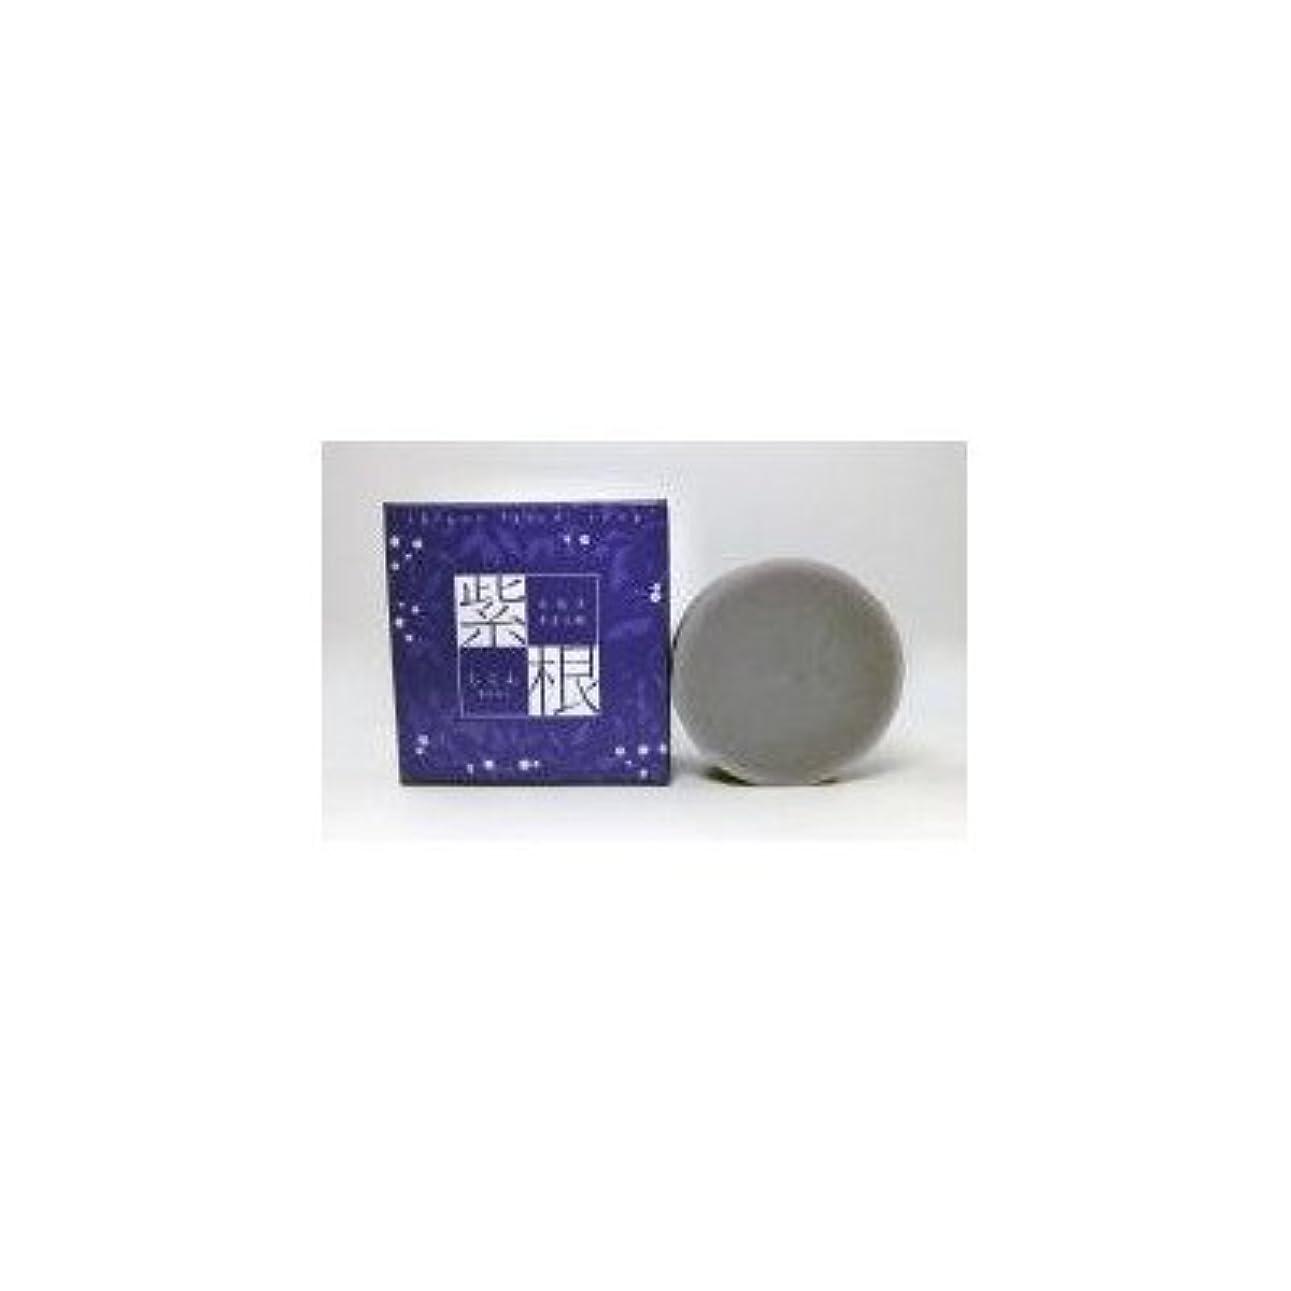 アーサーオセアニア取り囲む紫根エキスをたっぷり配合した洗顔石鹸 紫根石鹸 100g×5個セット